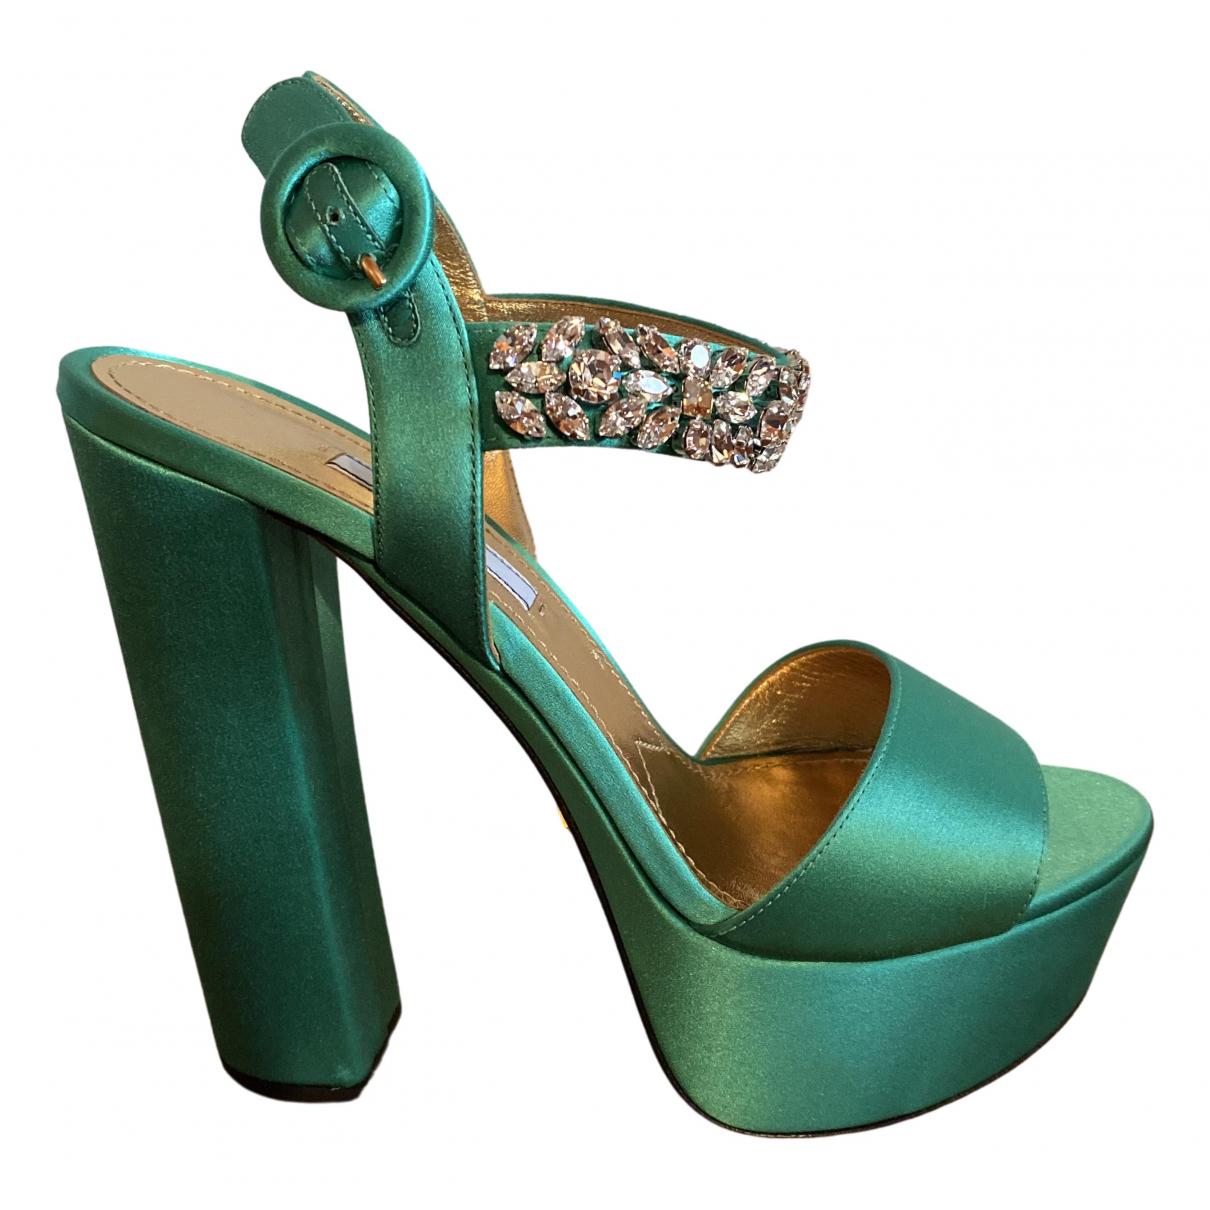 Sandalias de Lona Prada